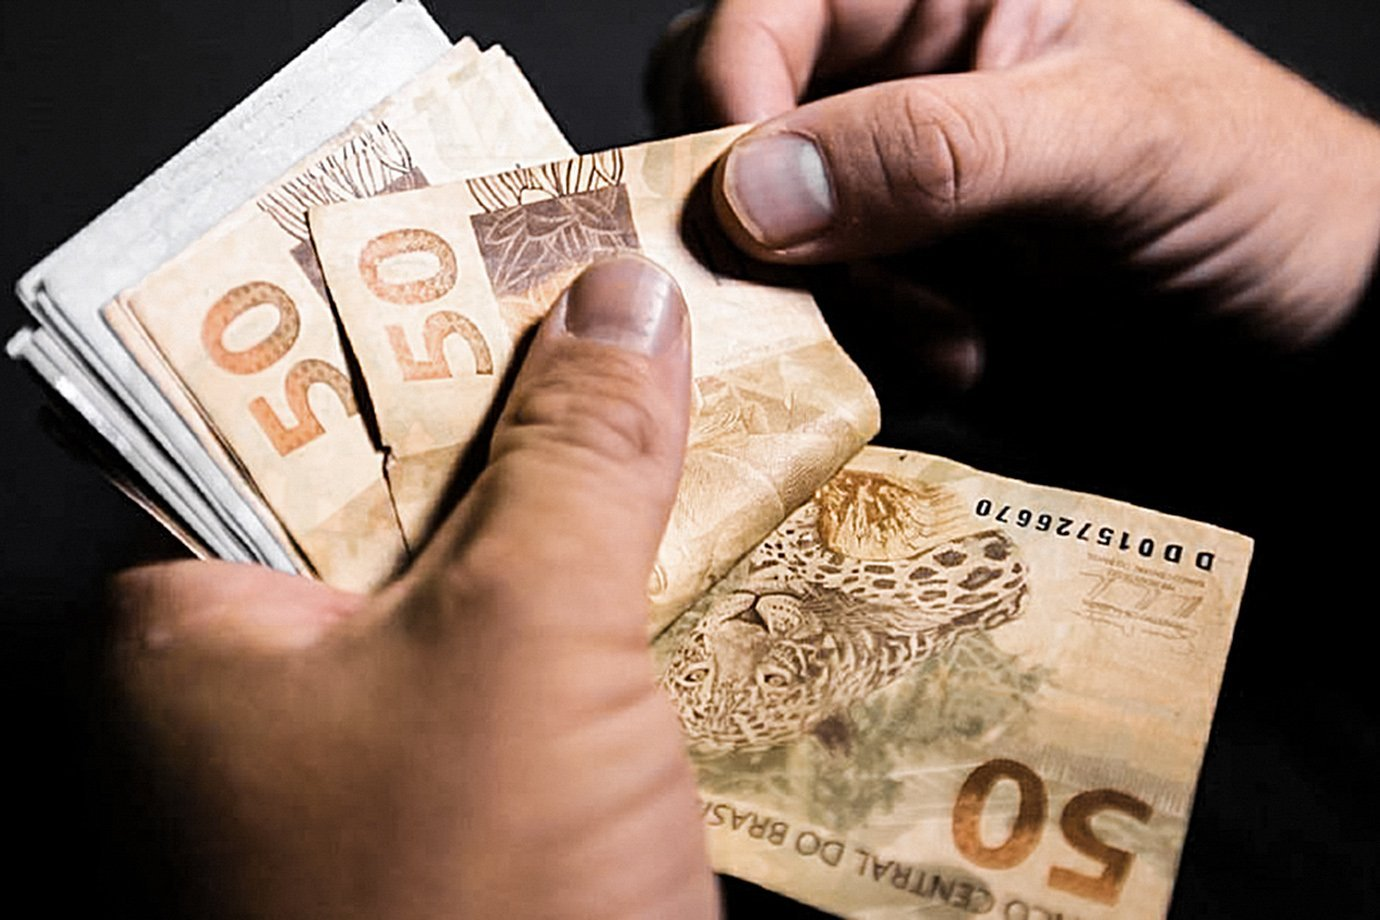 Imposto de renda: Receita abre consulta ao 2º lote de restituição